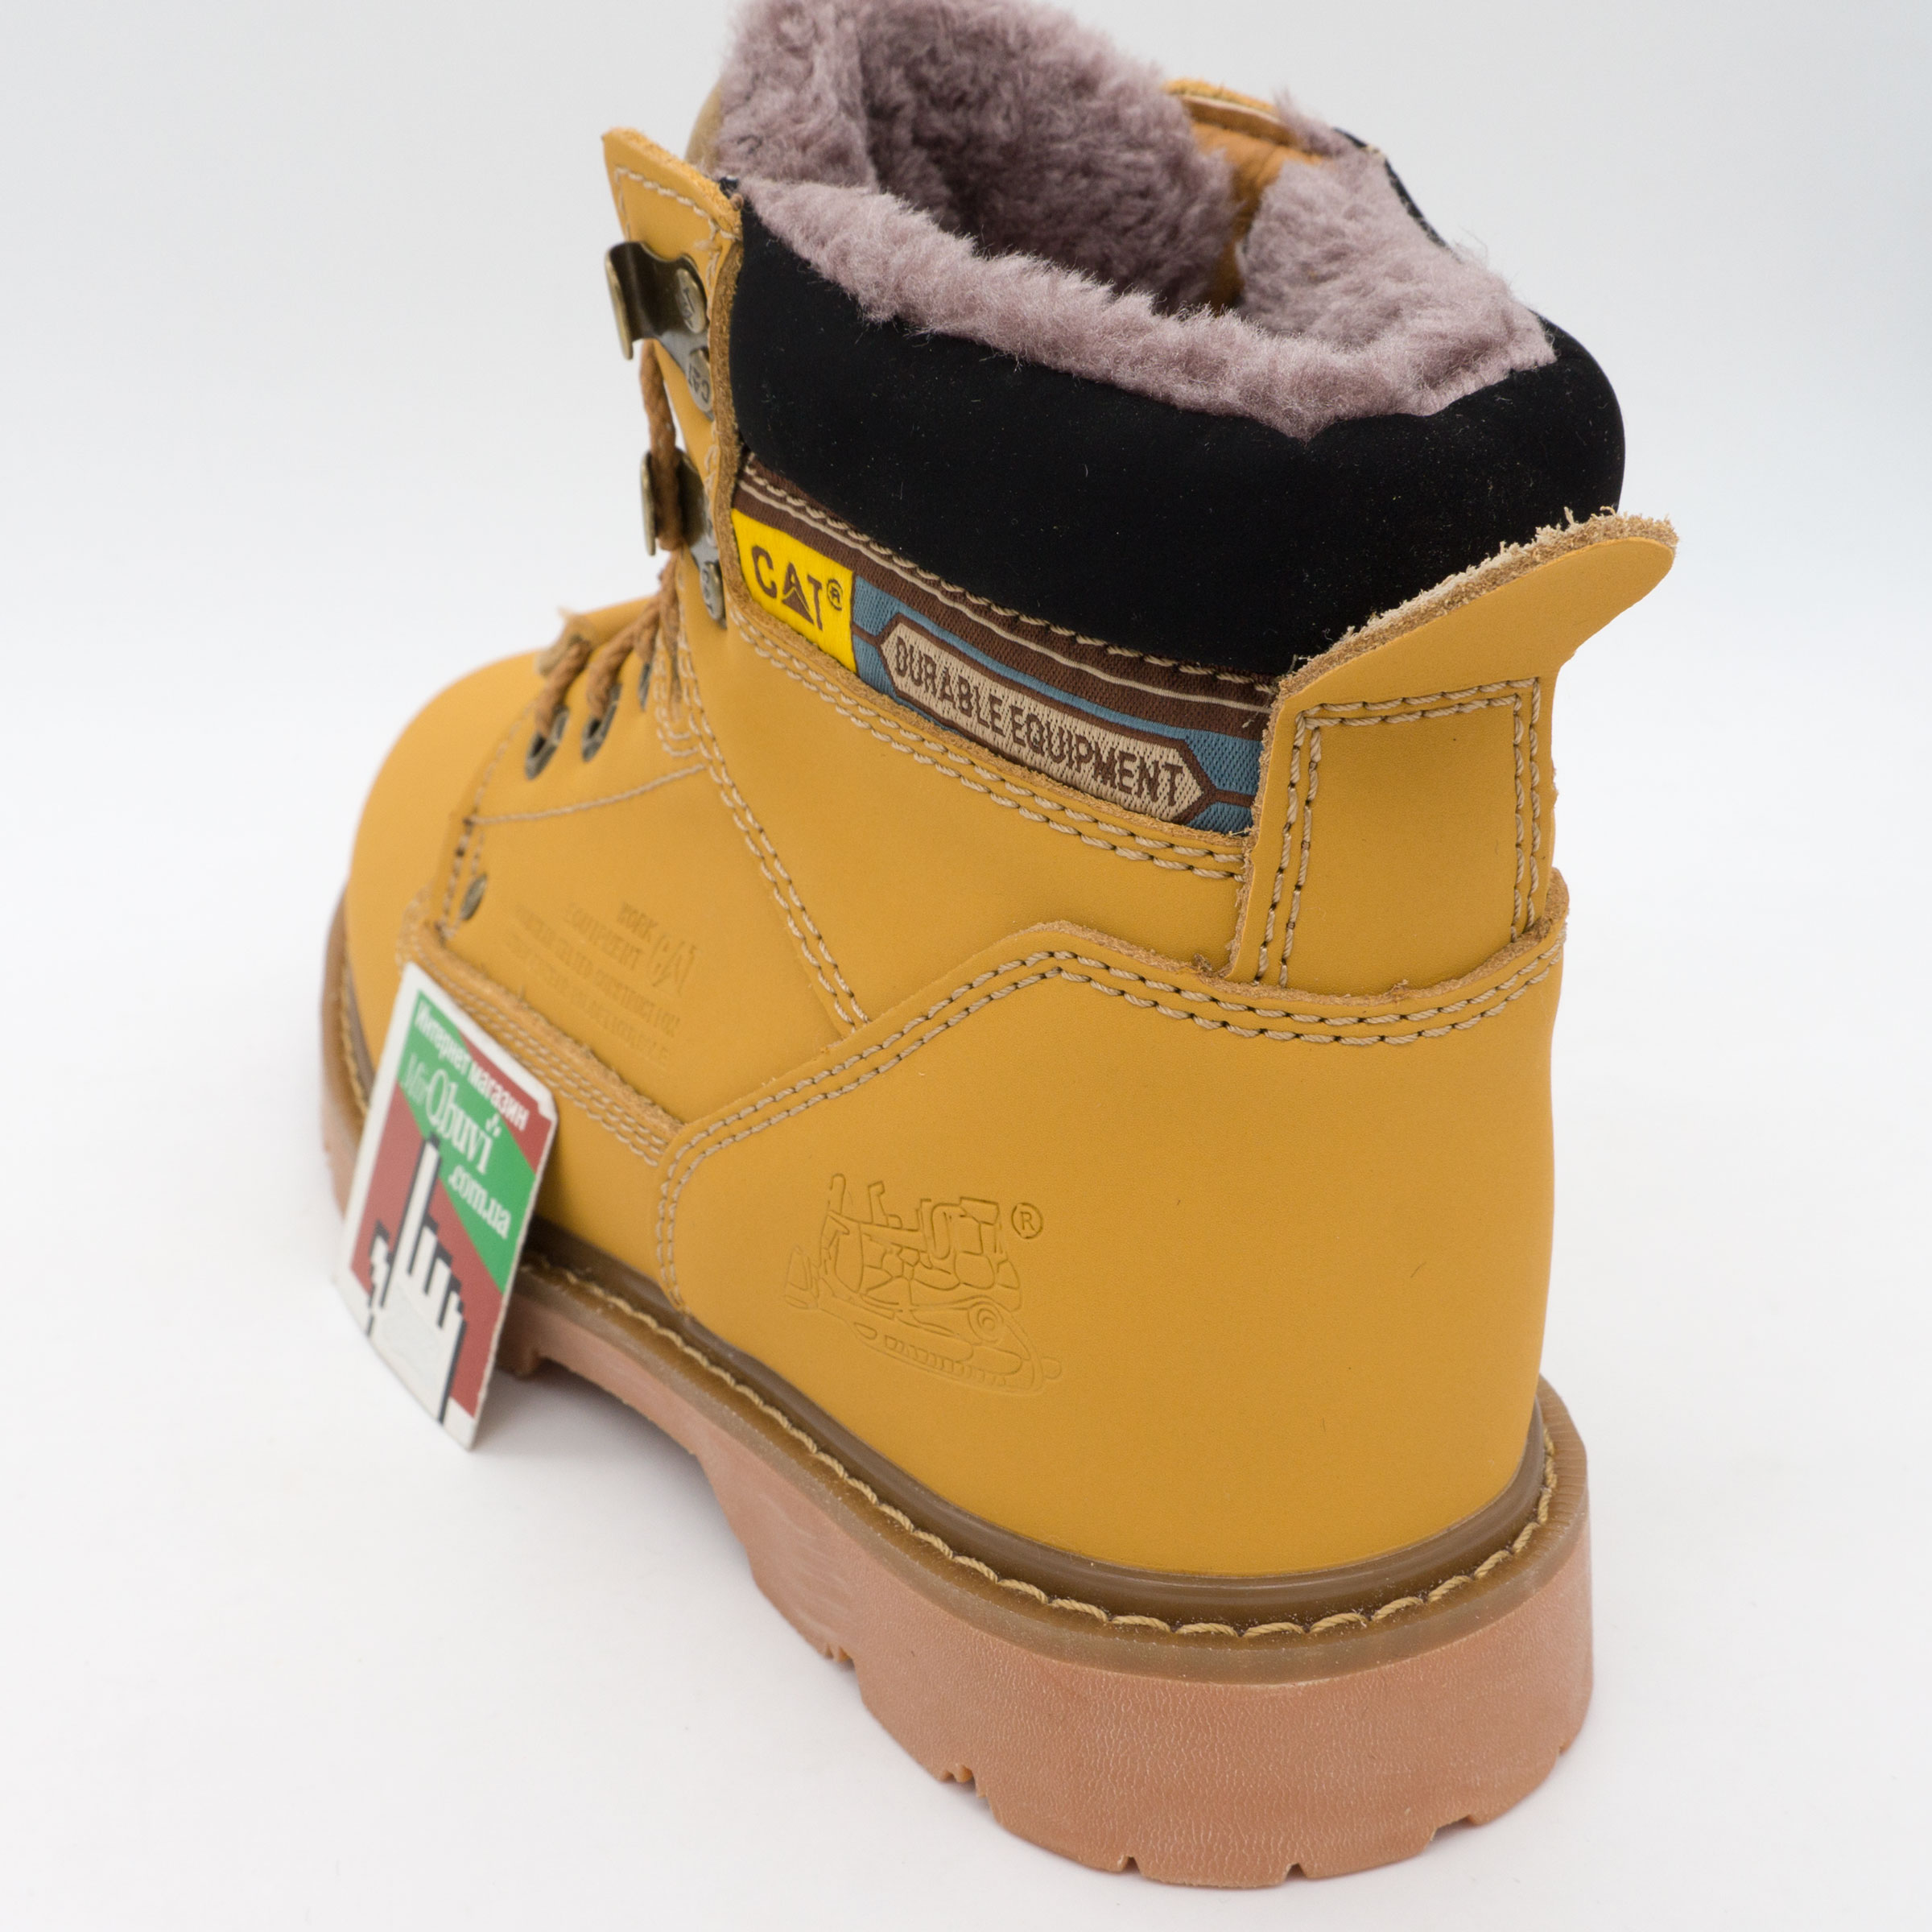 фото front Желтые зимние женские ботинки CAT(катерпиллер) с мехом front